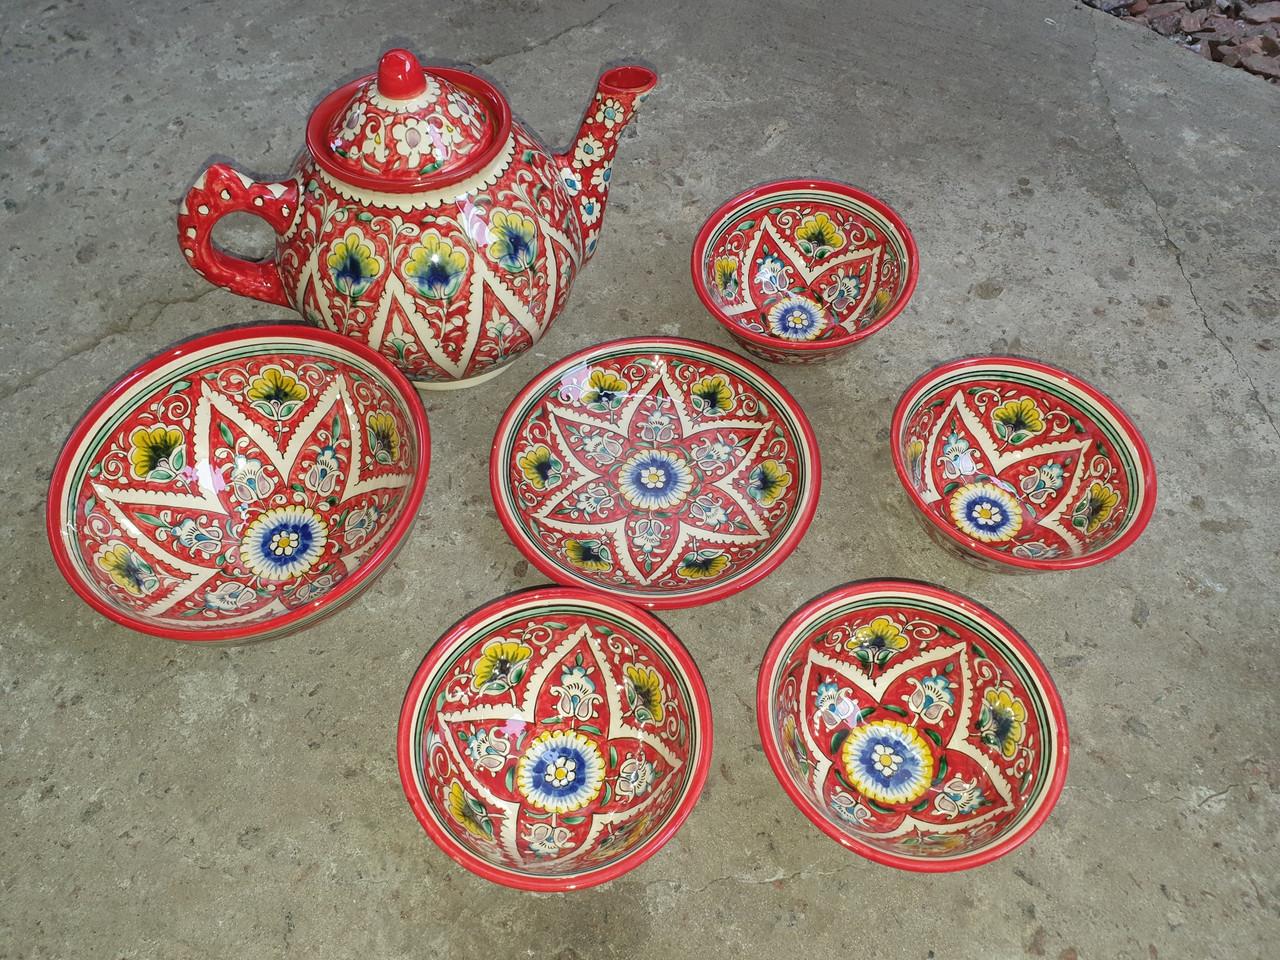 Узбекский чайный сервиз Риштан из 7 предметов. Красивый чайный сервиз.